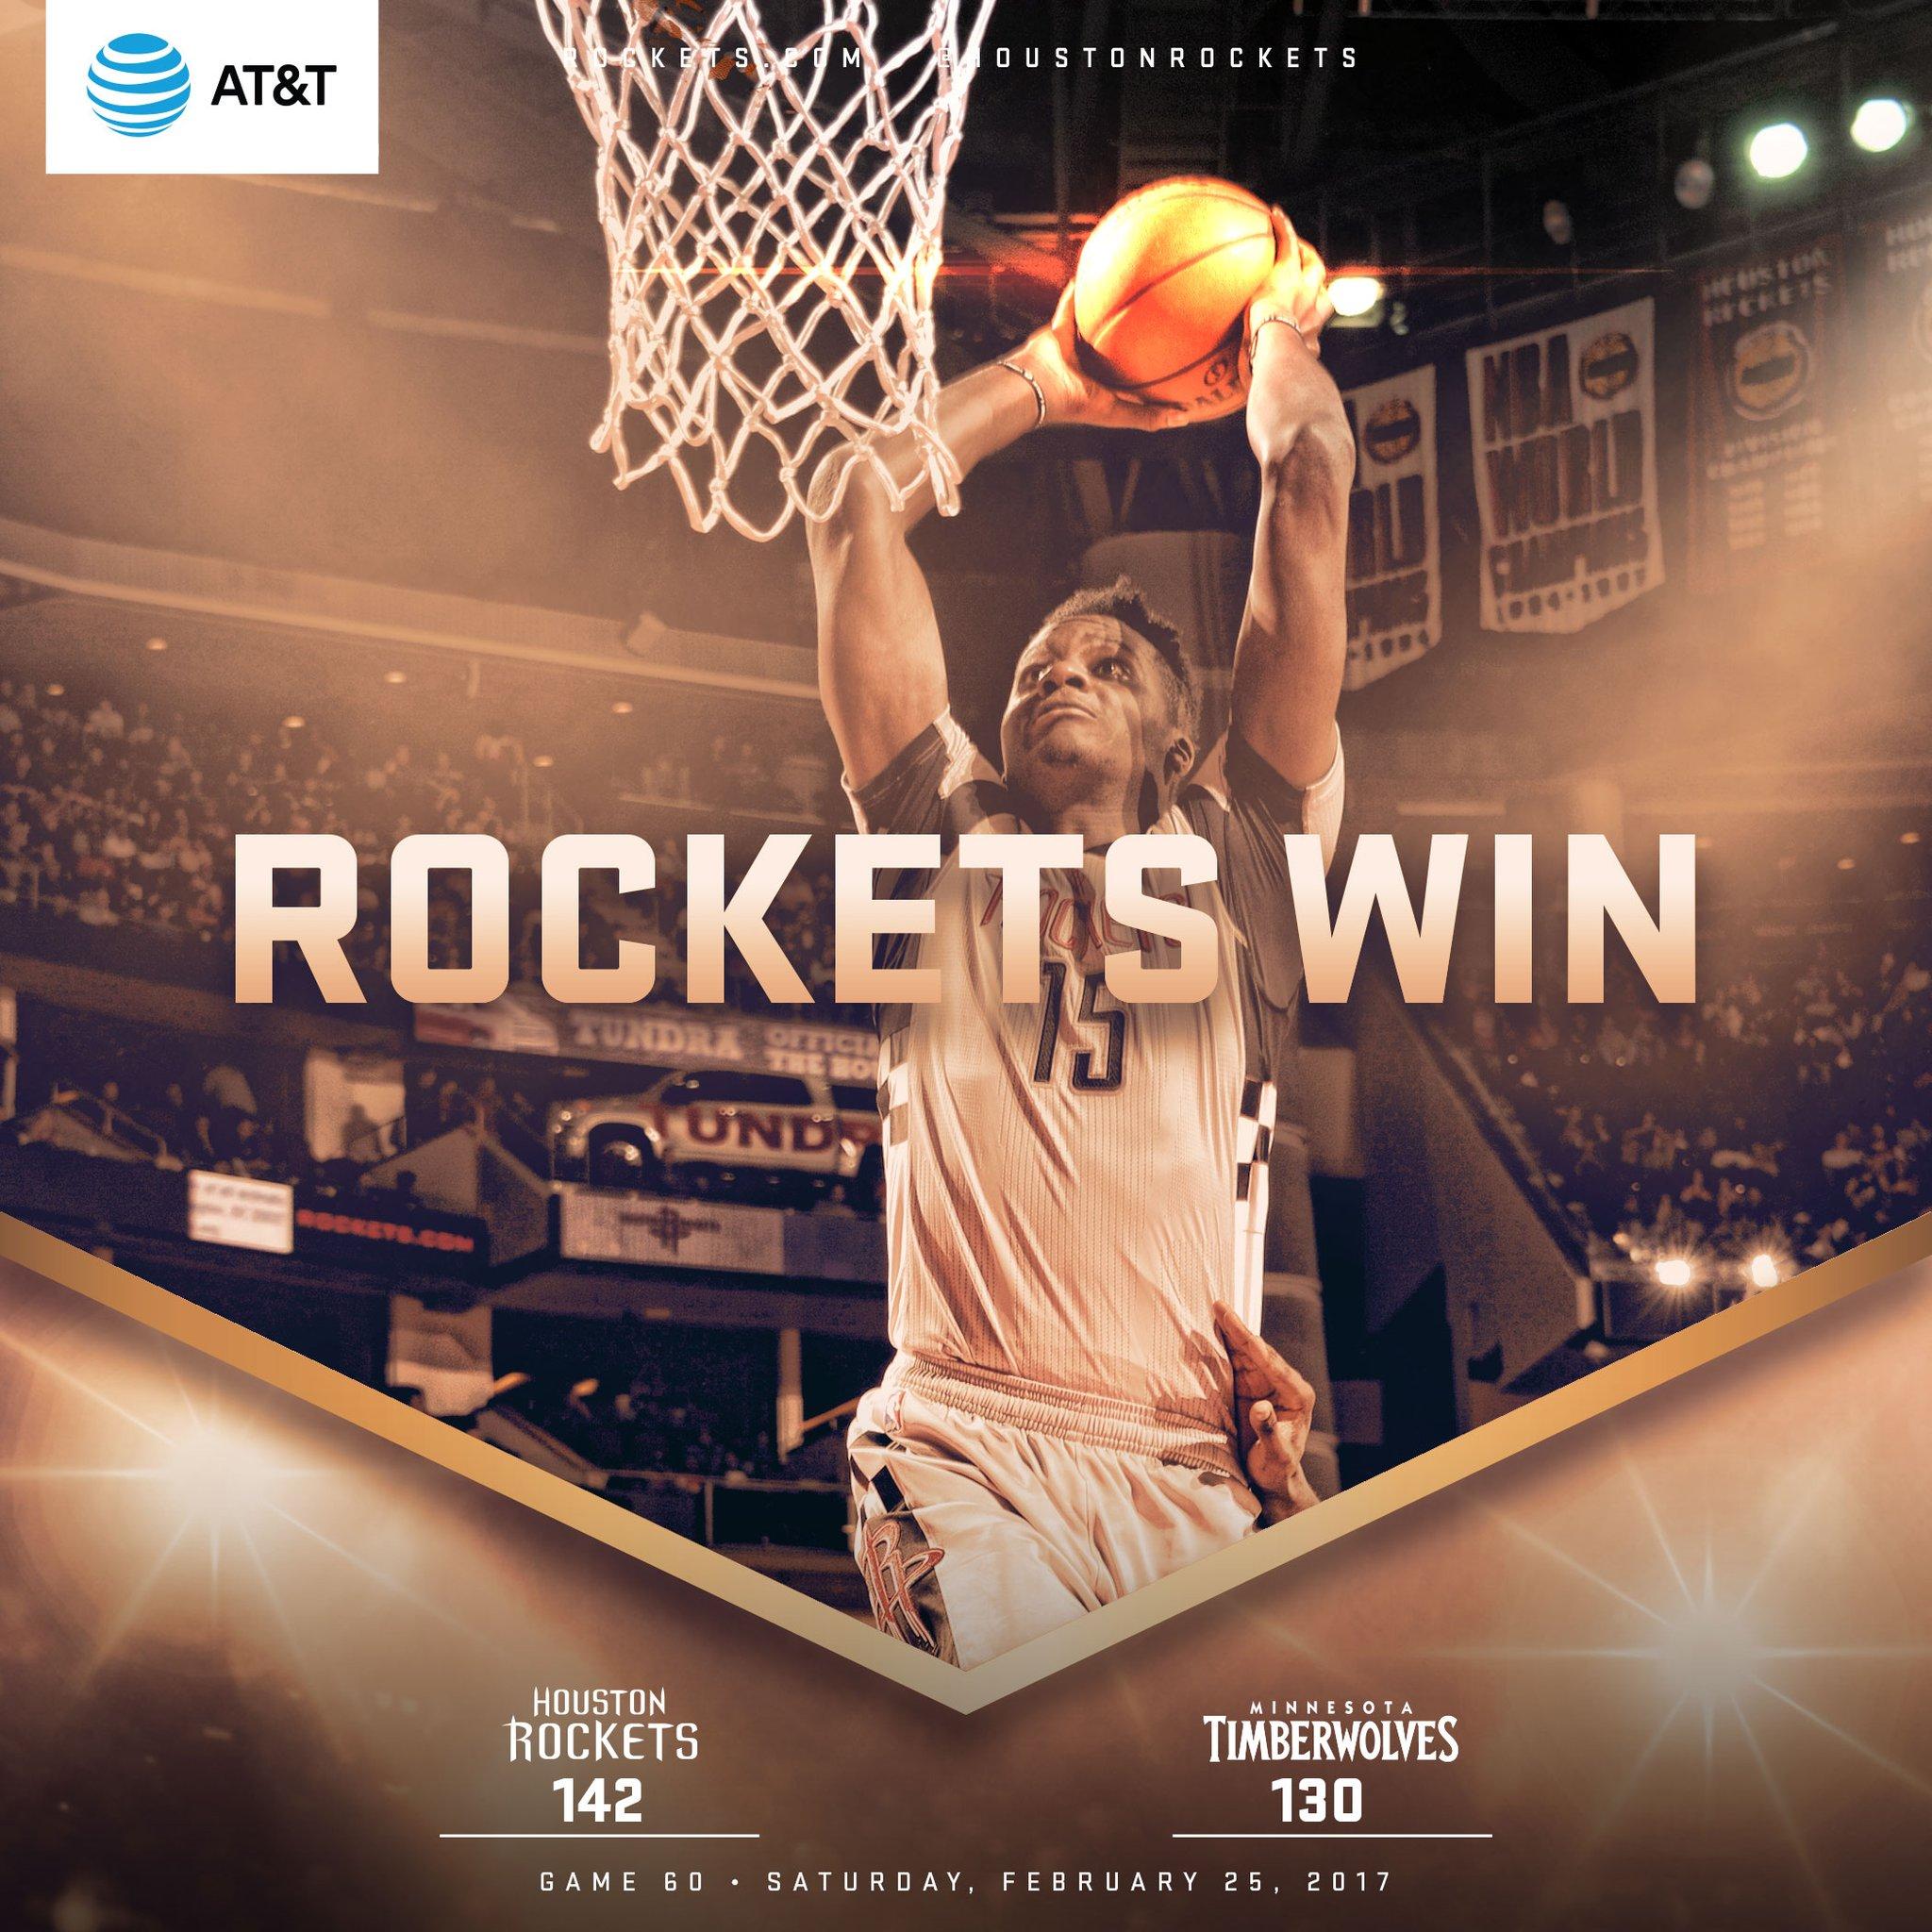 Rockets vencem Wolves em jogo de pontuação recorde